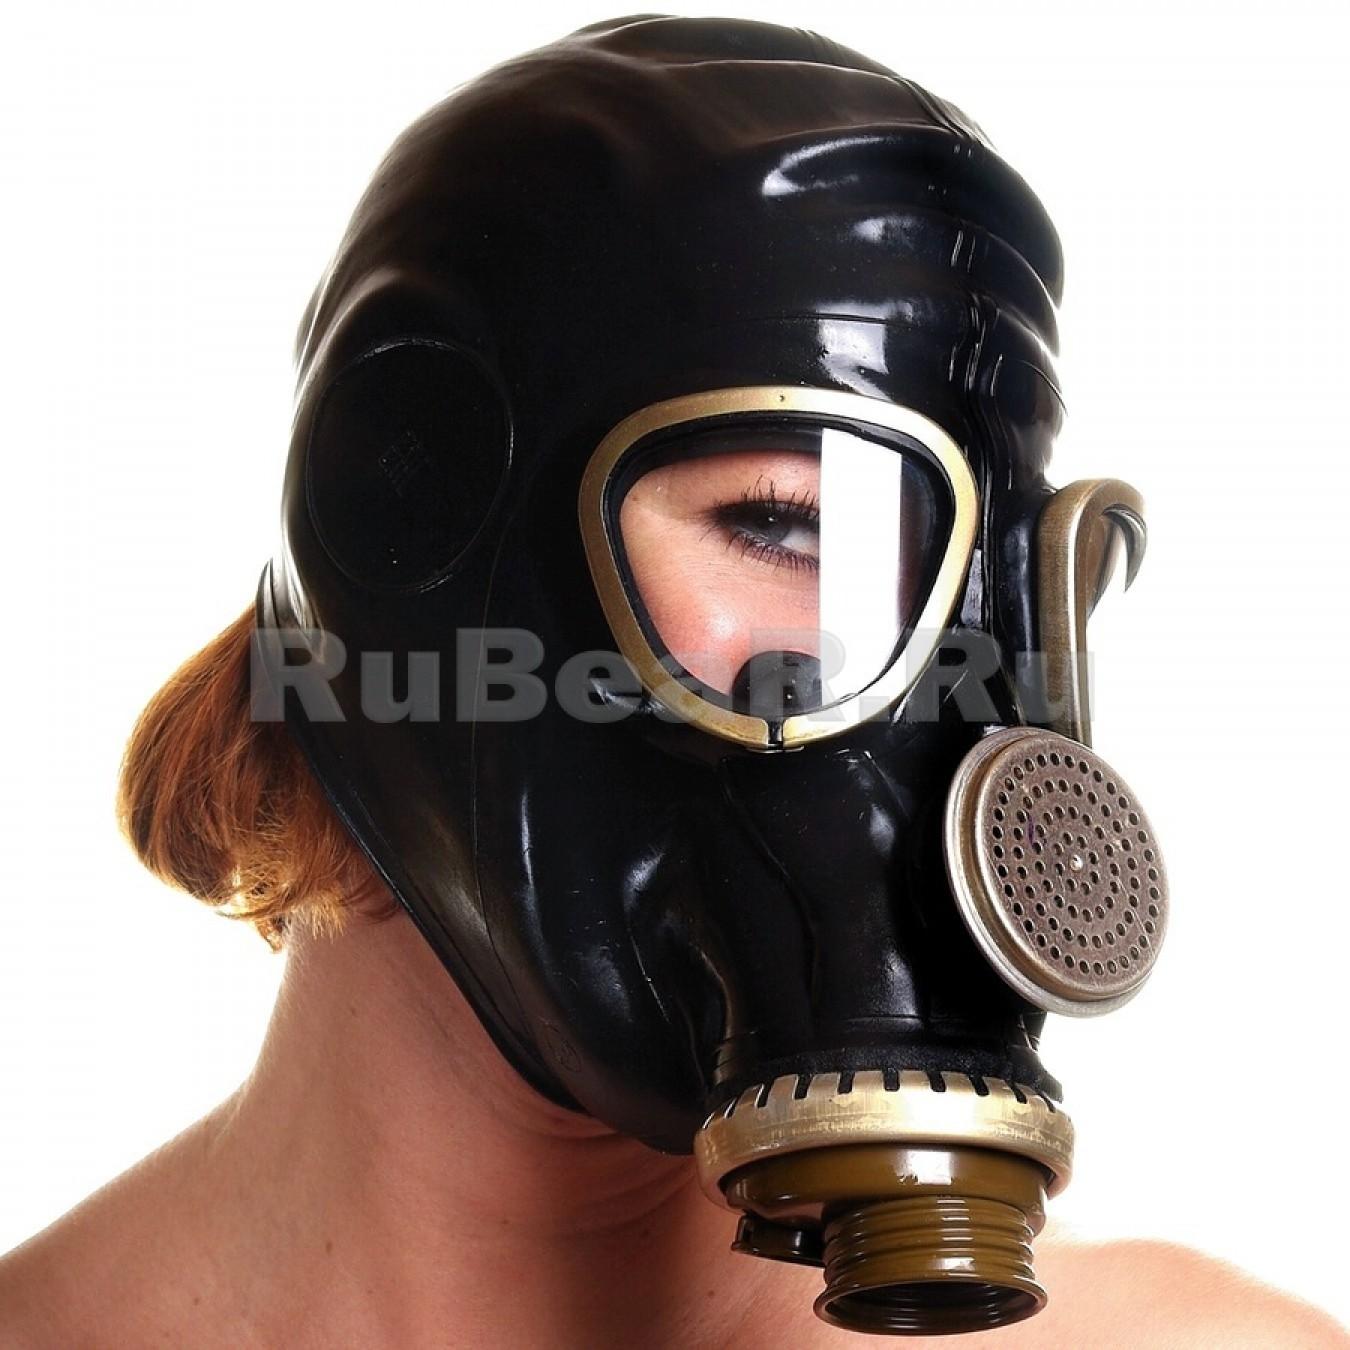 AS9003 Шлем-маска от противогаза современного образца